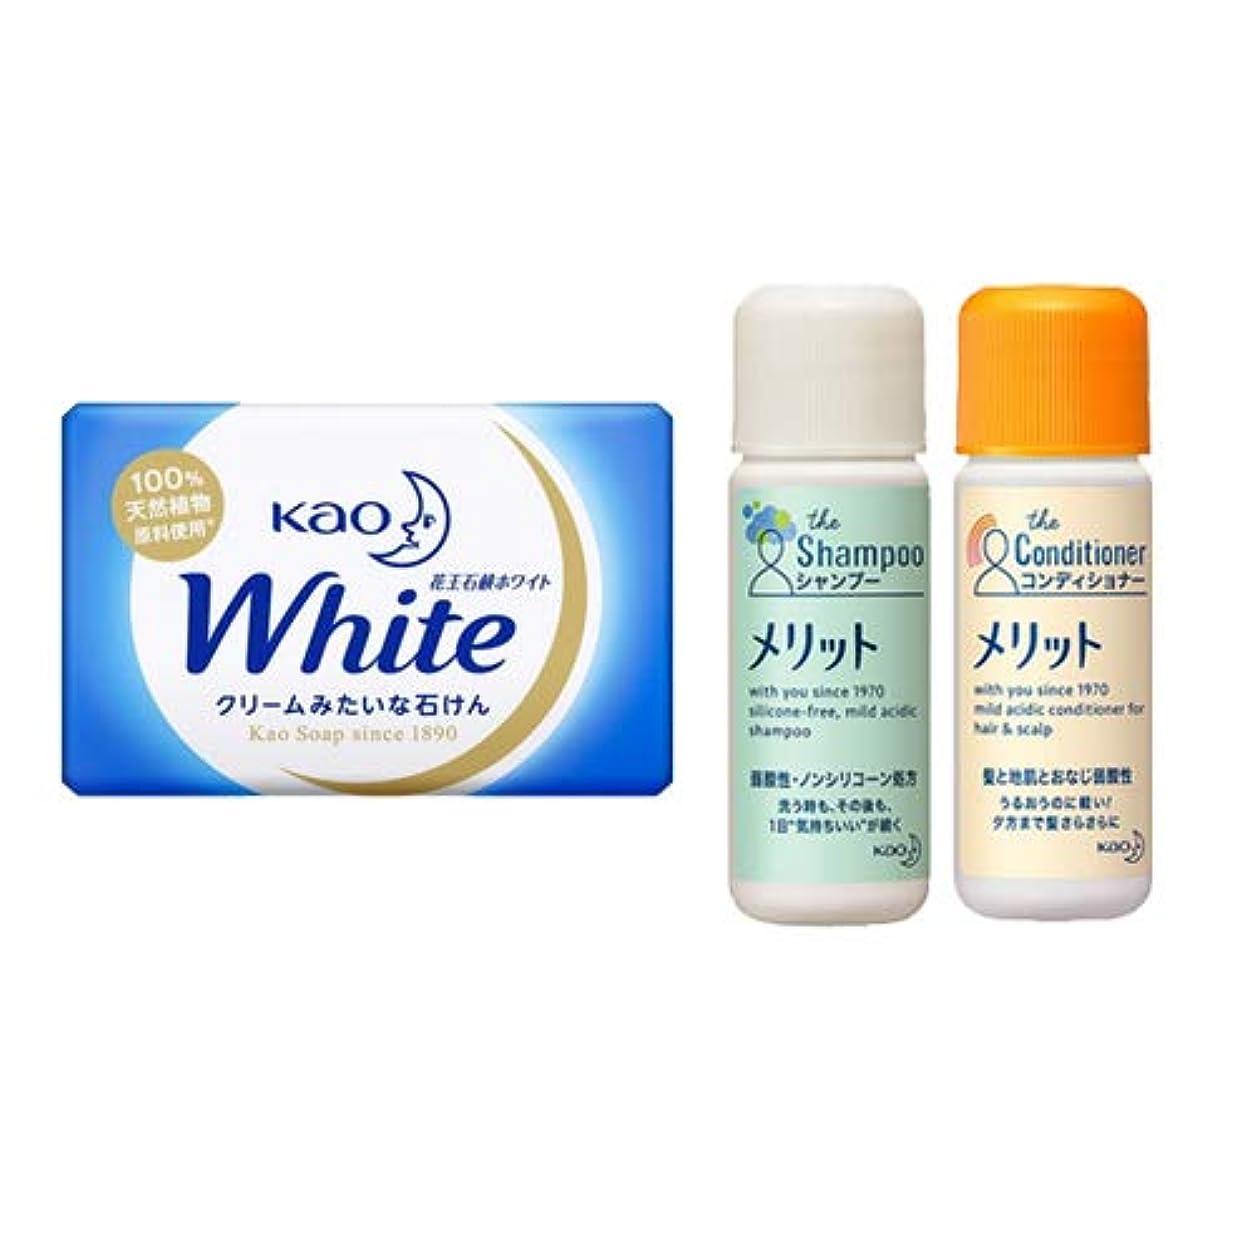 花王(KAO) 石鹸ホワイト(Kao Soap White) 15g + メリットシャンプー 16ml + リンス 16ml セット